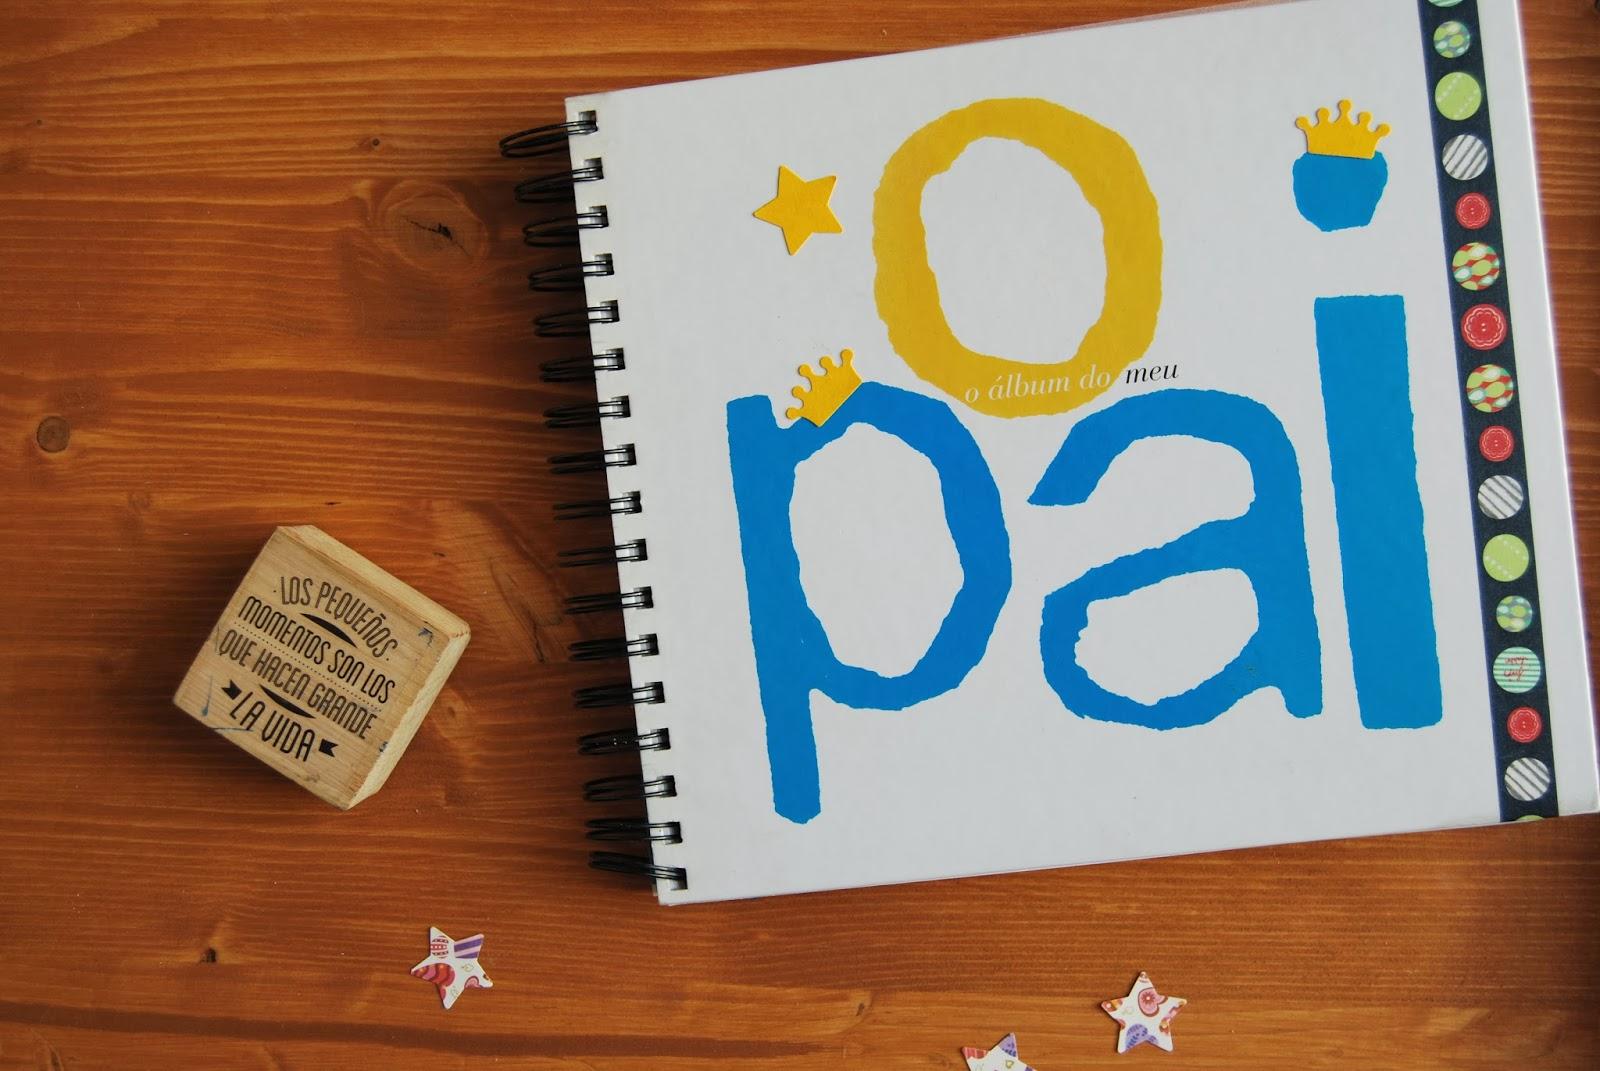 http://sosunnyblog.blogspot.com.es/2014/03/regalo-personalizado-para-el-dia-del.html